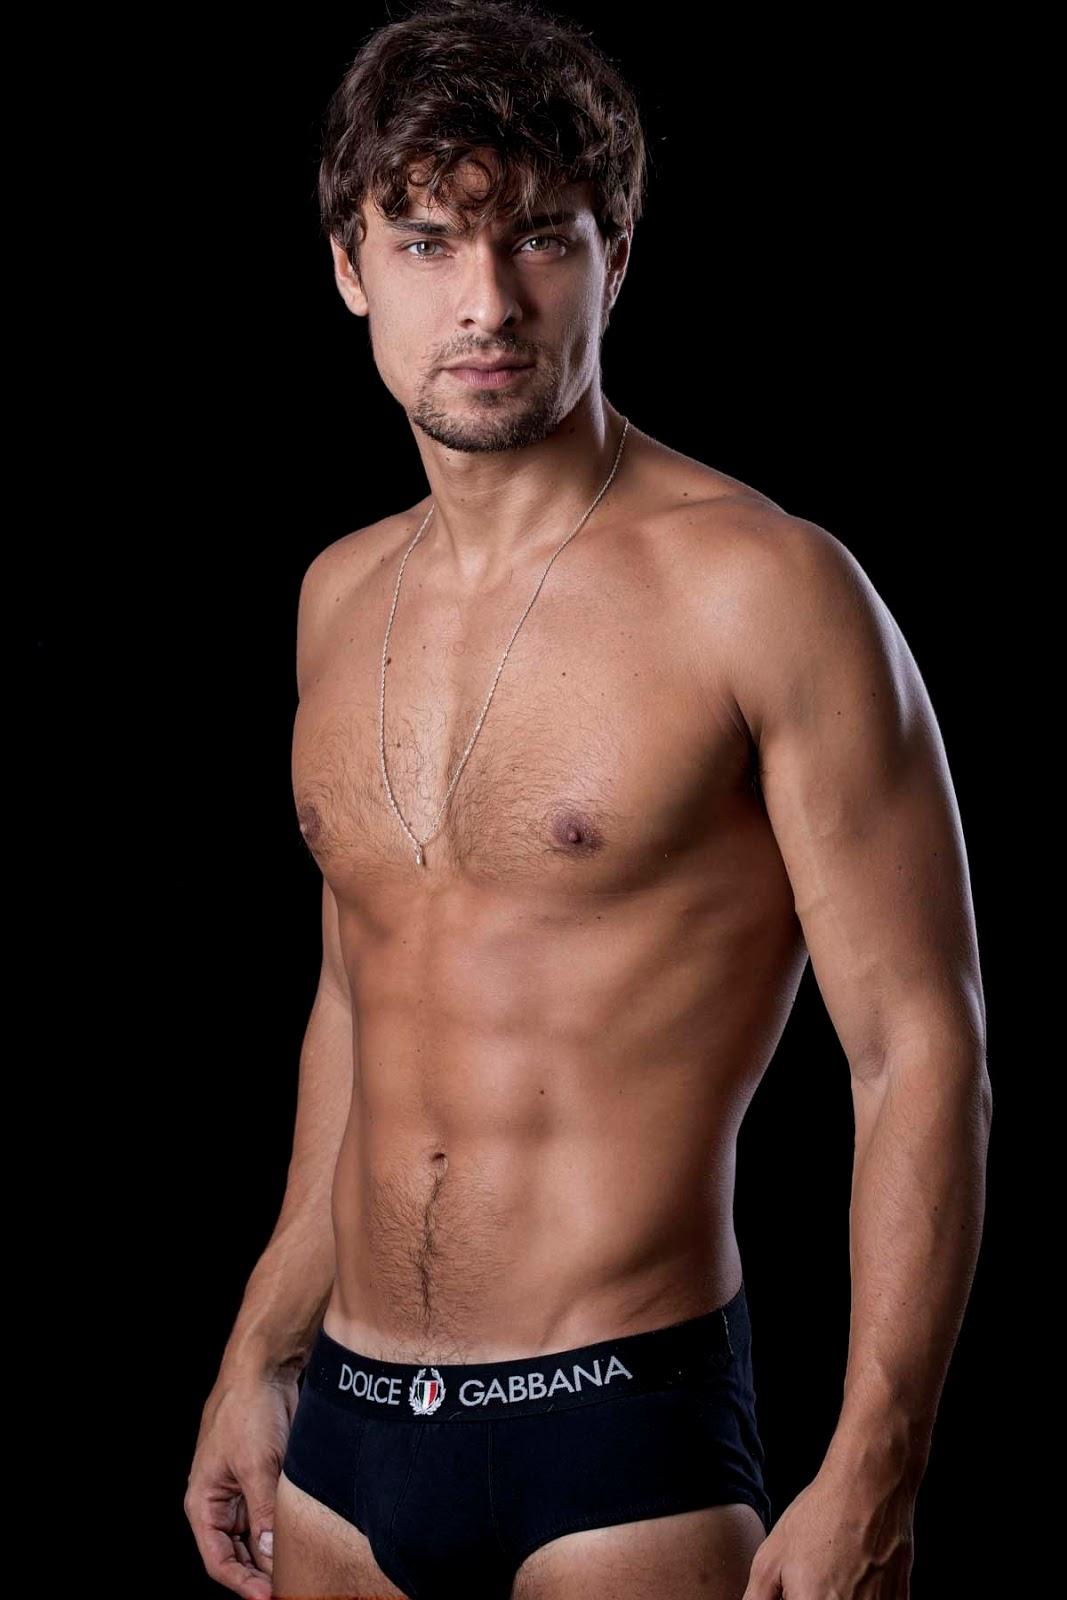 Nude Brazilian Male Models